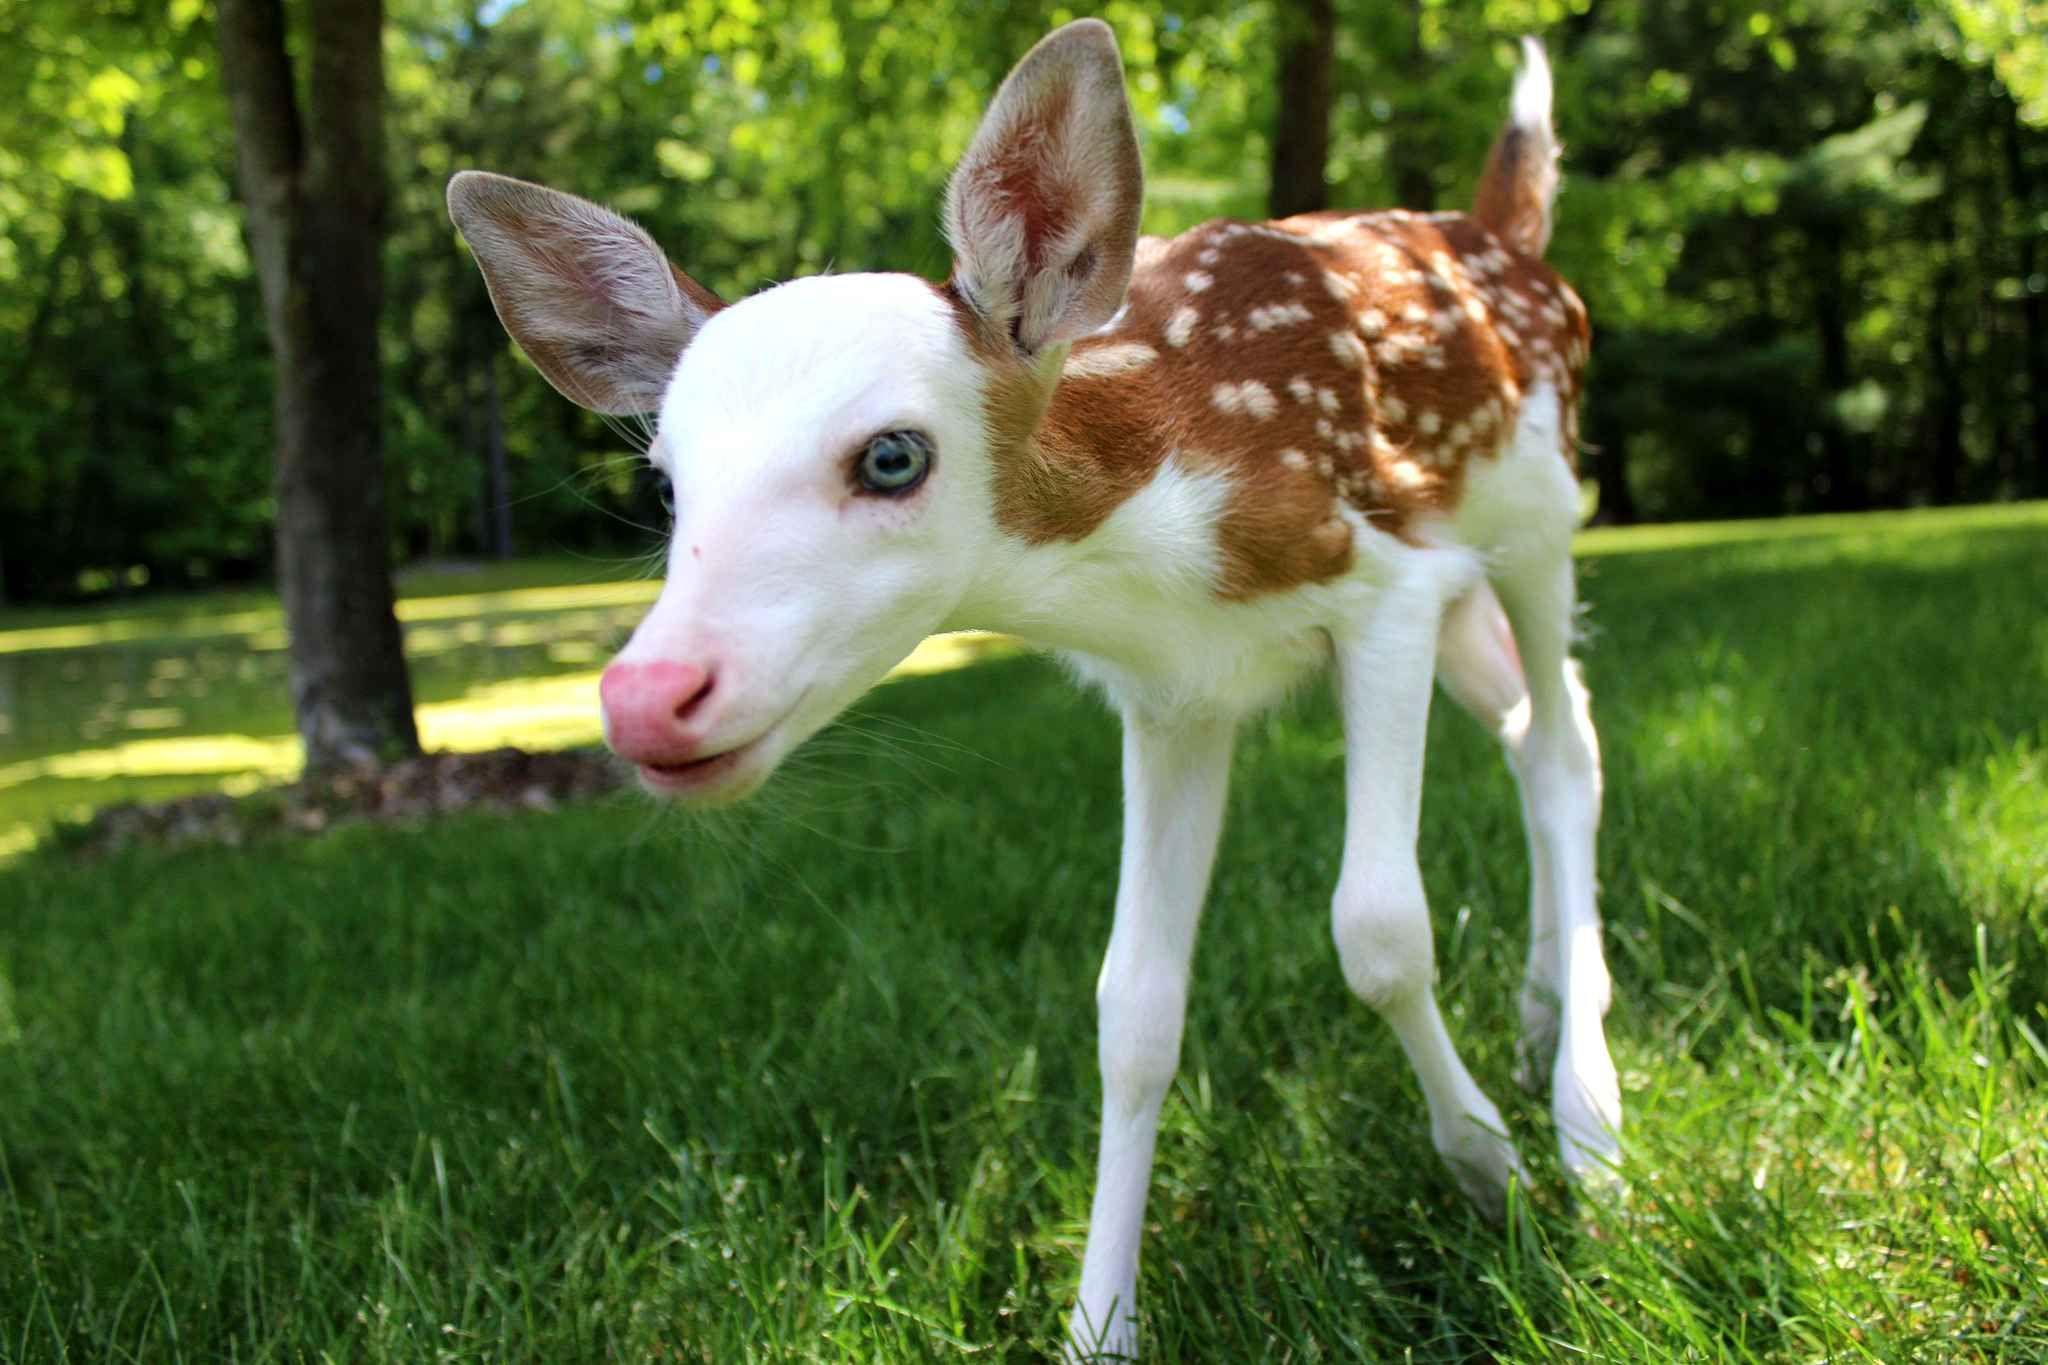 Este cervo é muito raro por causa de seu rosto branco. Ele foi recuperado após ter sido rejeitado por sua mãe.